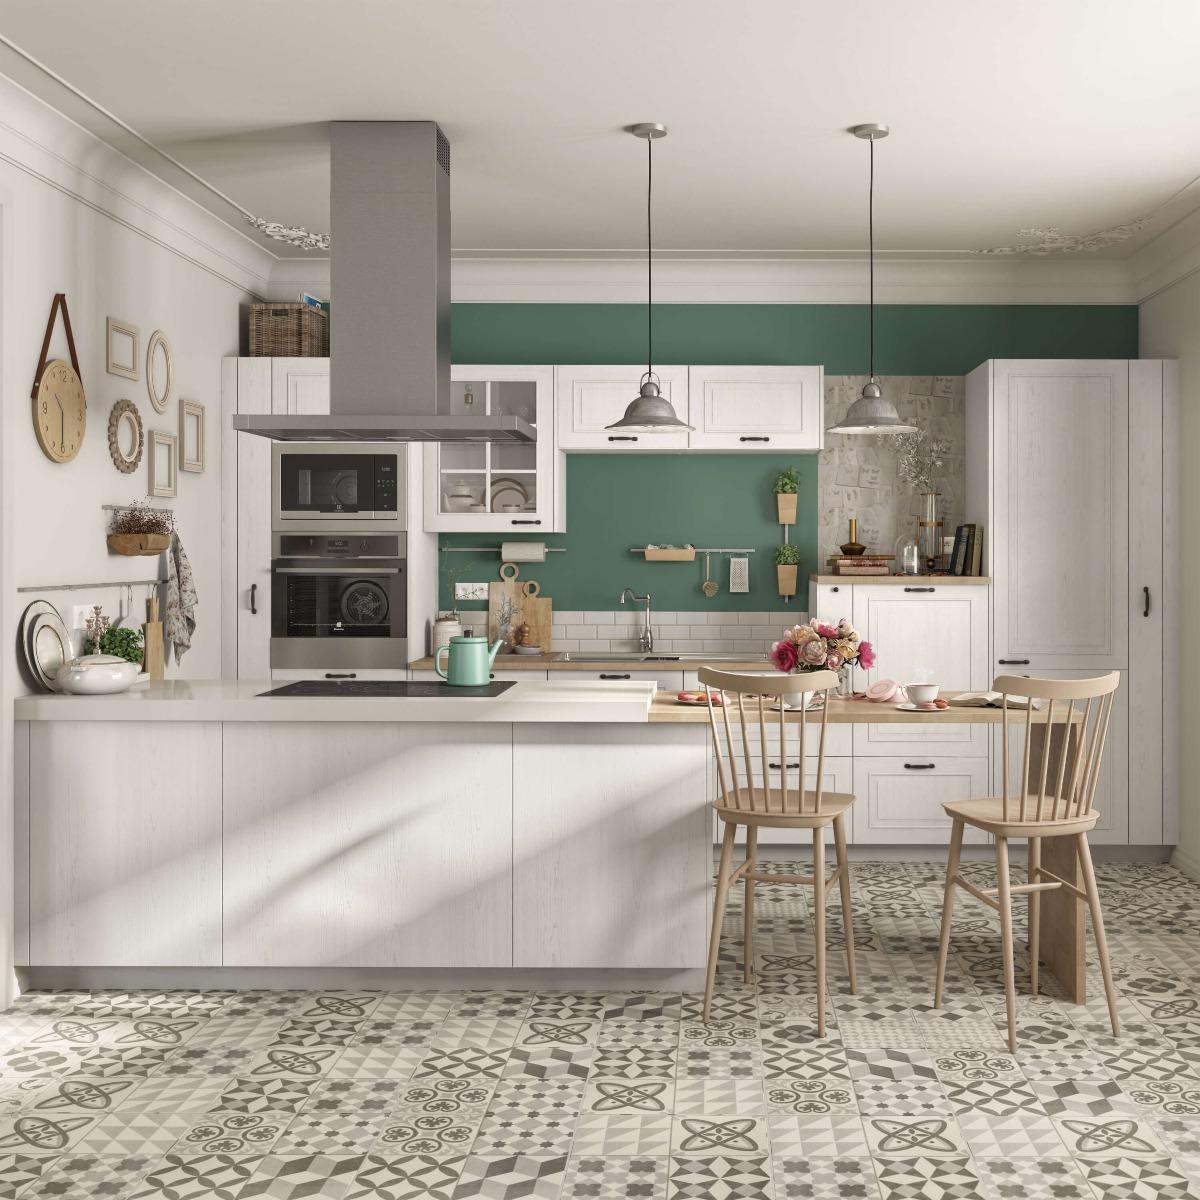 Delinia Moscow Designer Kitchen Mobi - Example 2